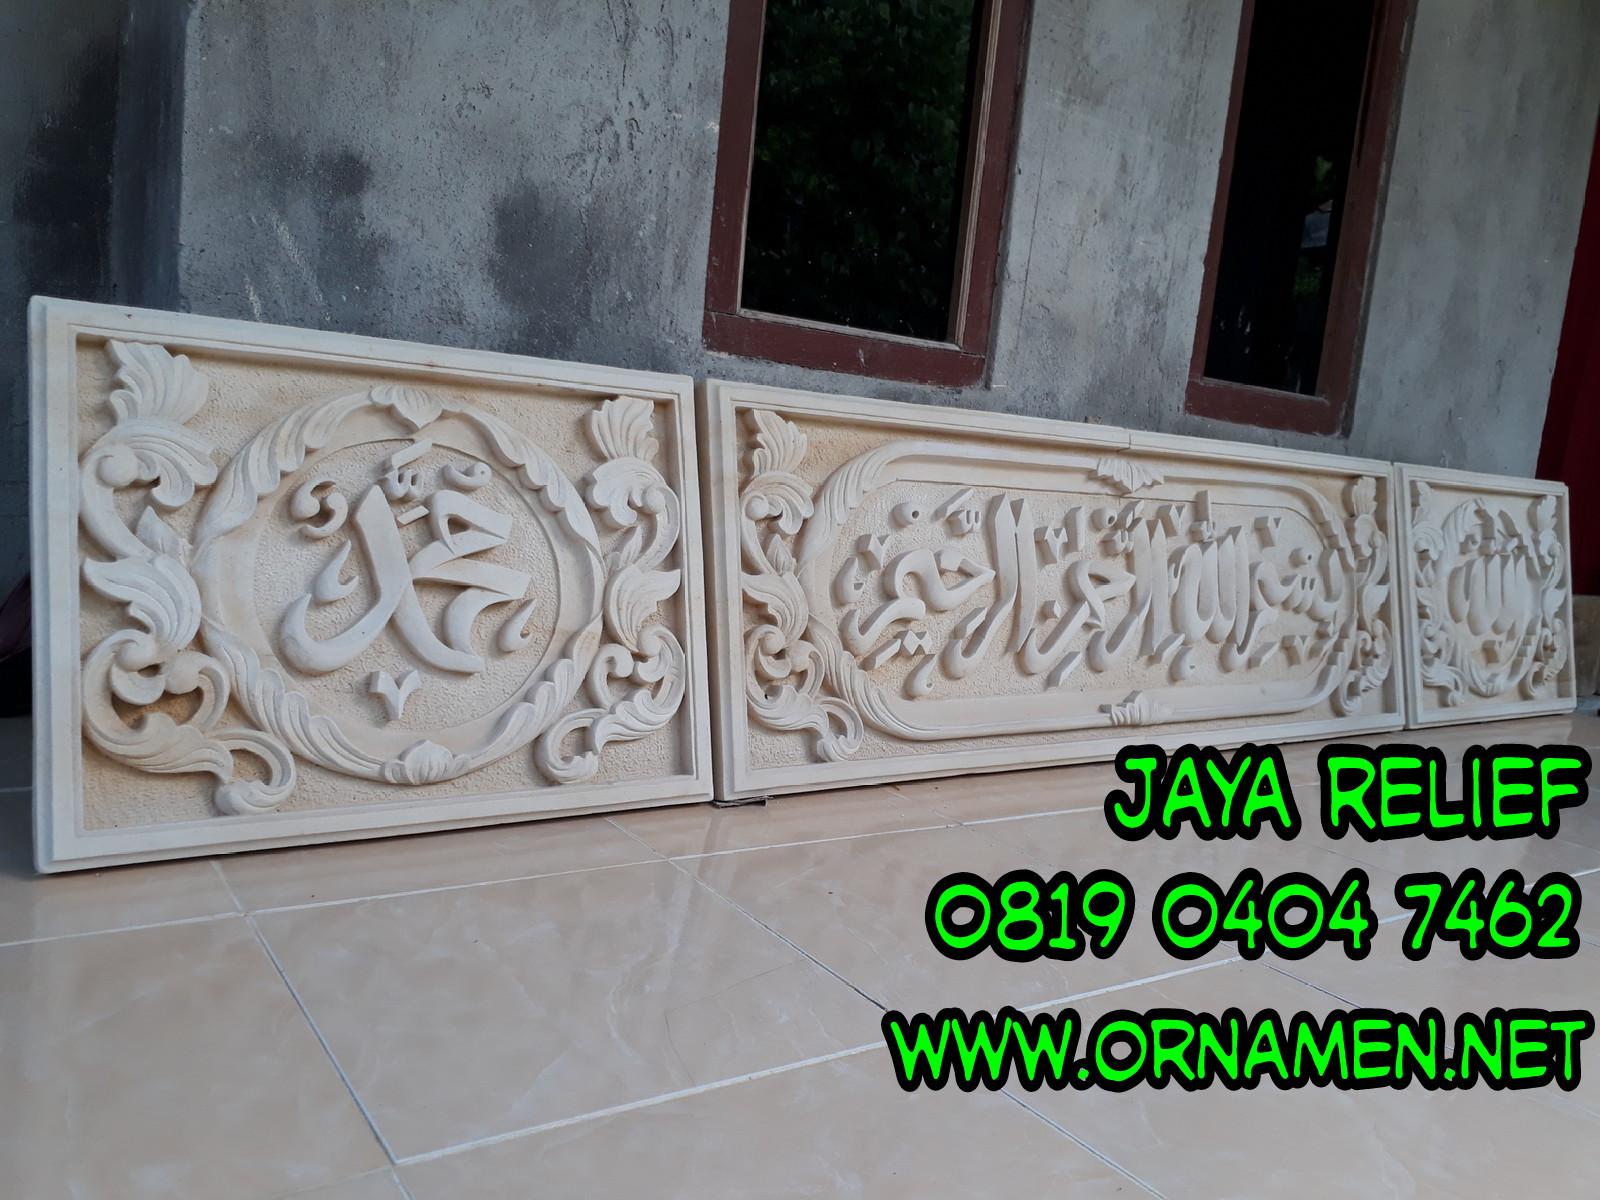 Relief Masjid Kerajinan Batu Putih/Batu alam/Batu Paras ...